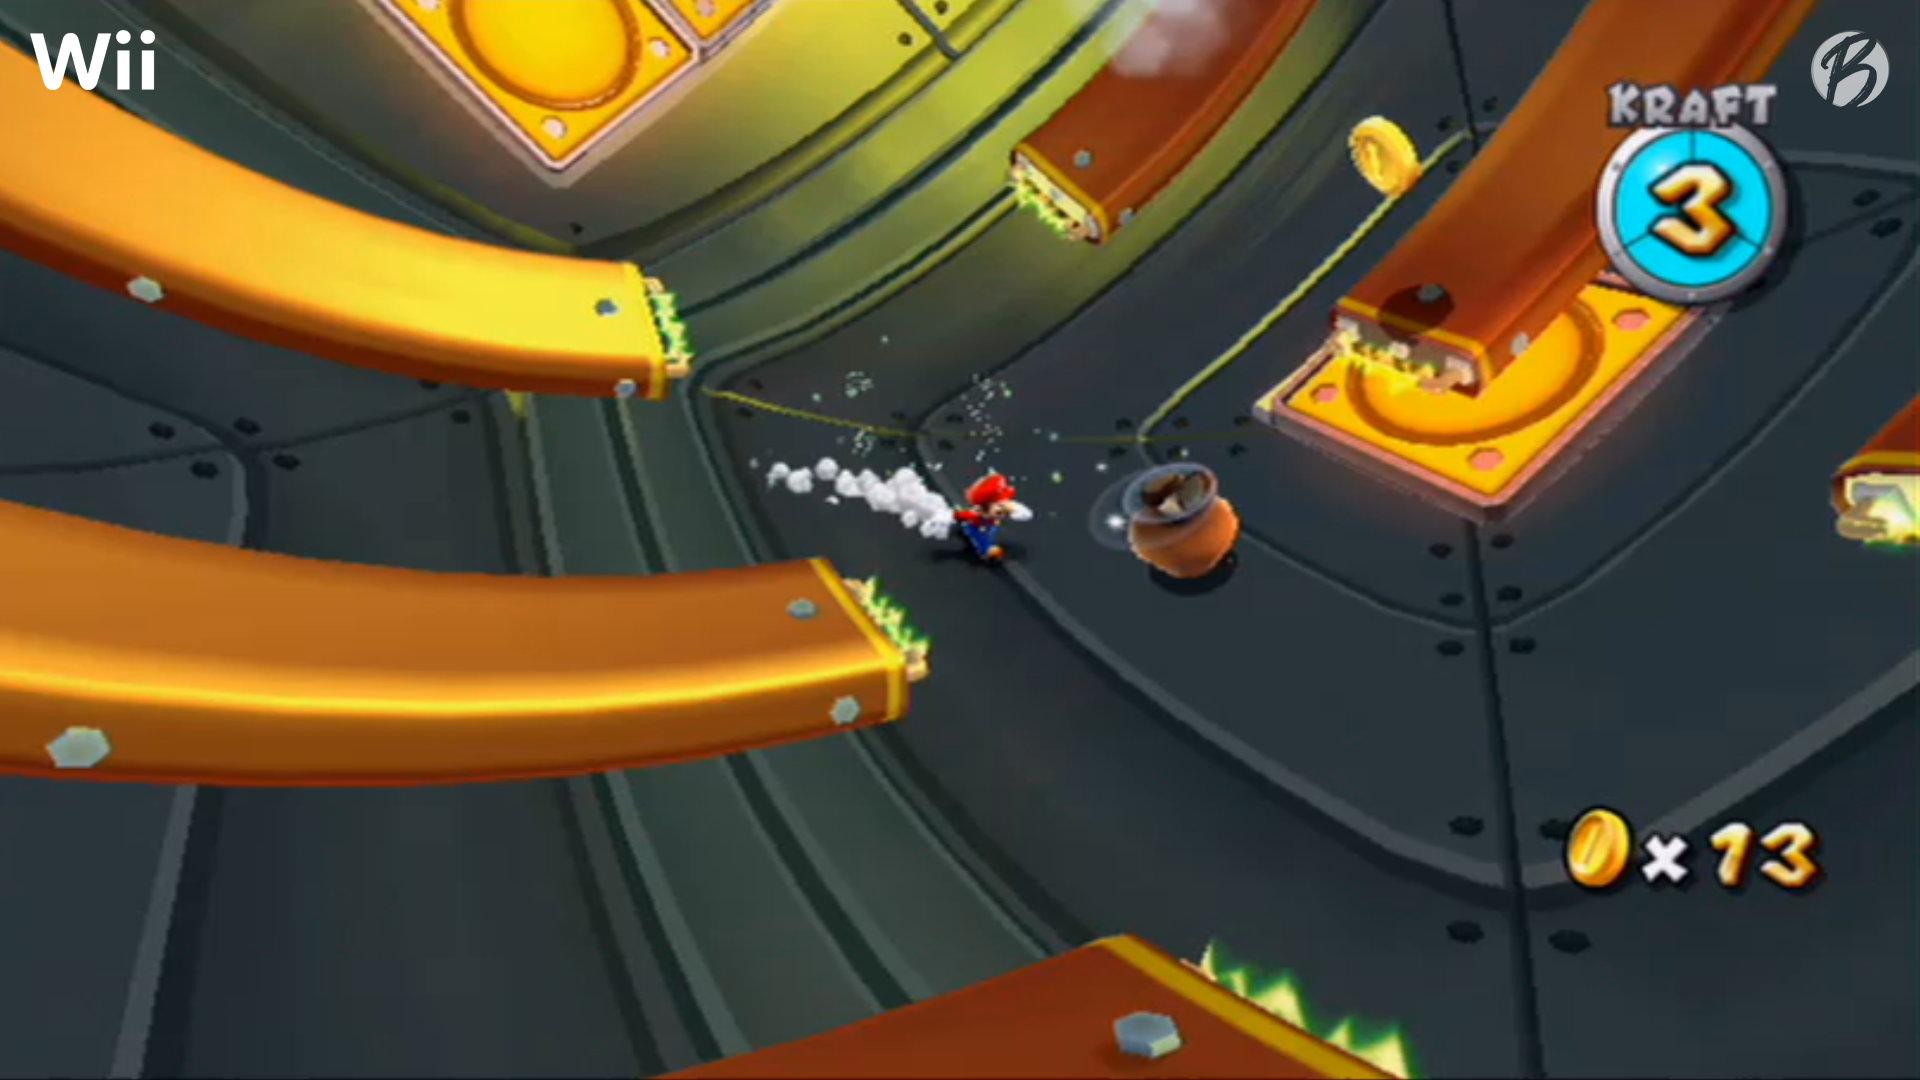 Super Mario Galaxy - Druckplatten - Vergleich: Nintendo Wii (Upscaled)